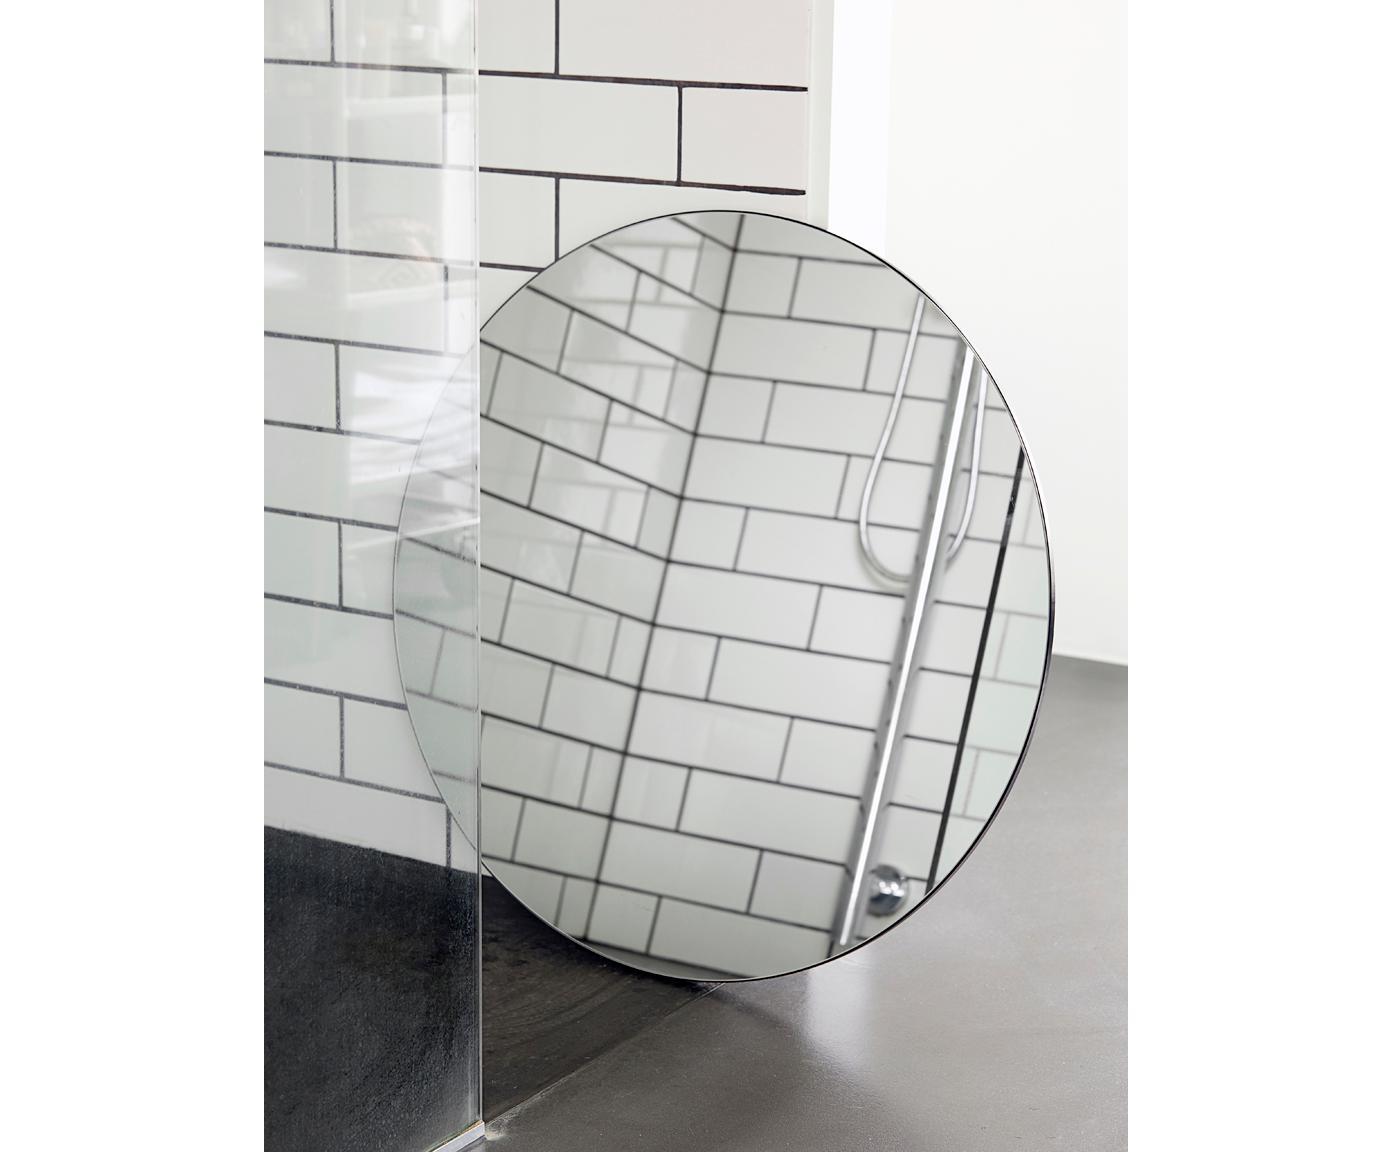 Wandspiegel Walls, Spiegelfläche: Spiegelglas, Rückseite: Mitteldichte Holzfaserpla, Spiegelglas, Ø 80 cm